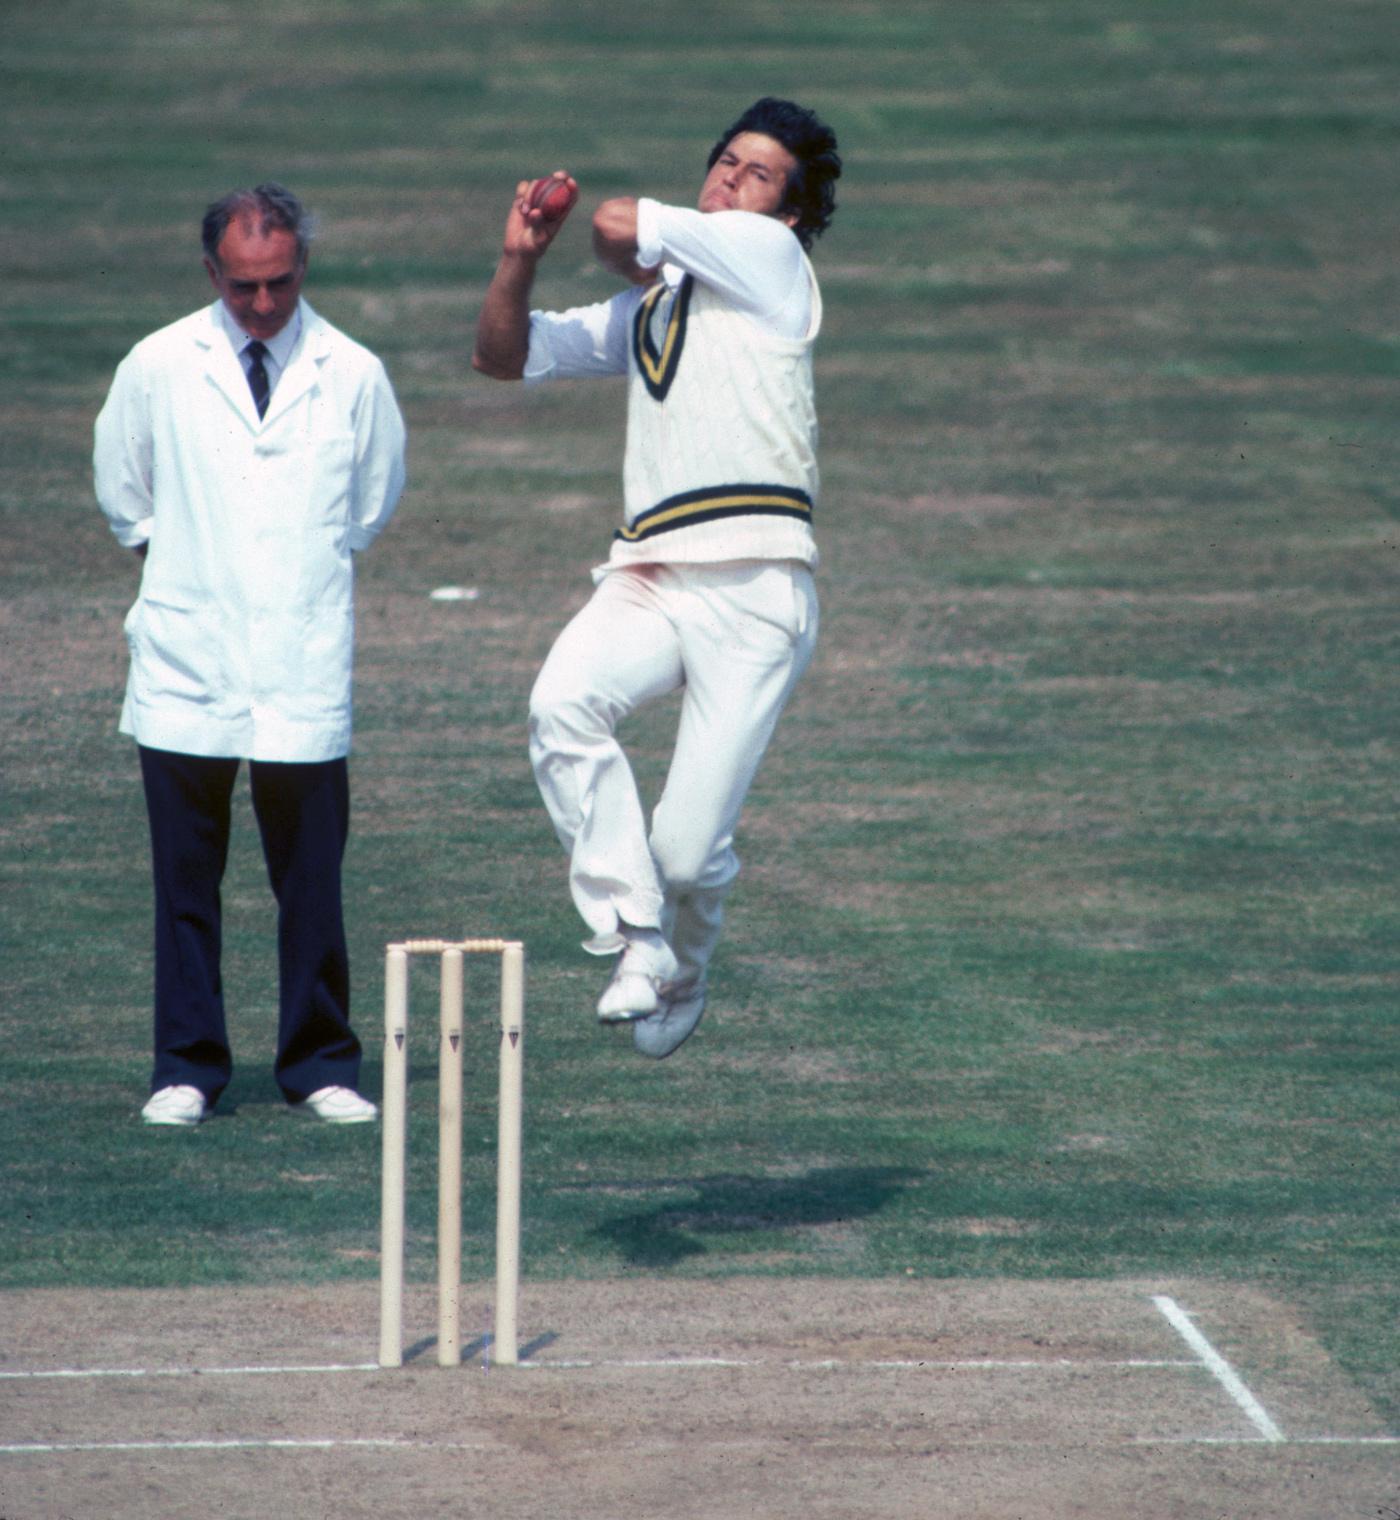 عمران خان نے پاکستان کو آسٹریلیا کی سرزمین پر پہلی فتح دلائی (تصویر: Getty Images)